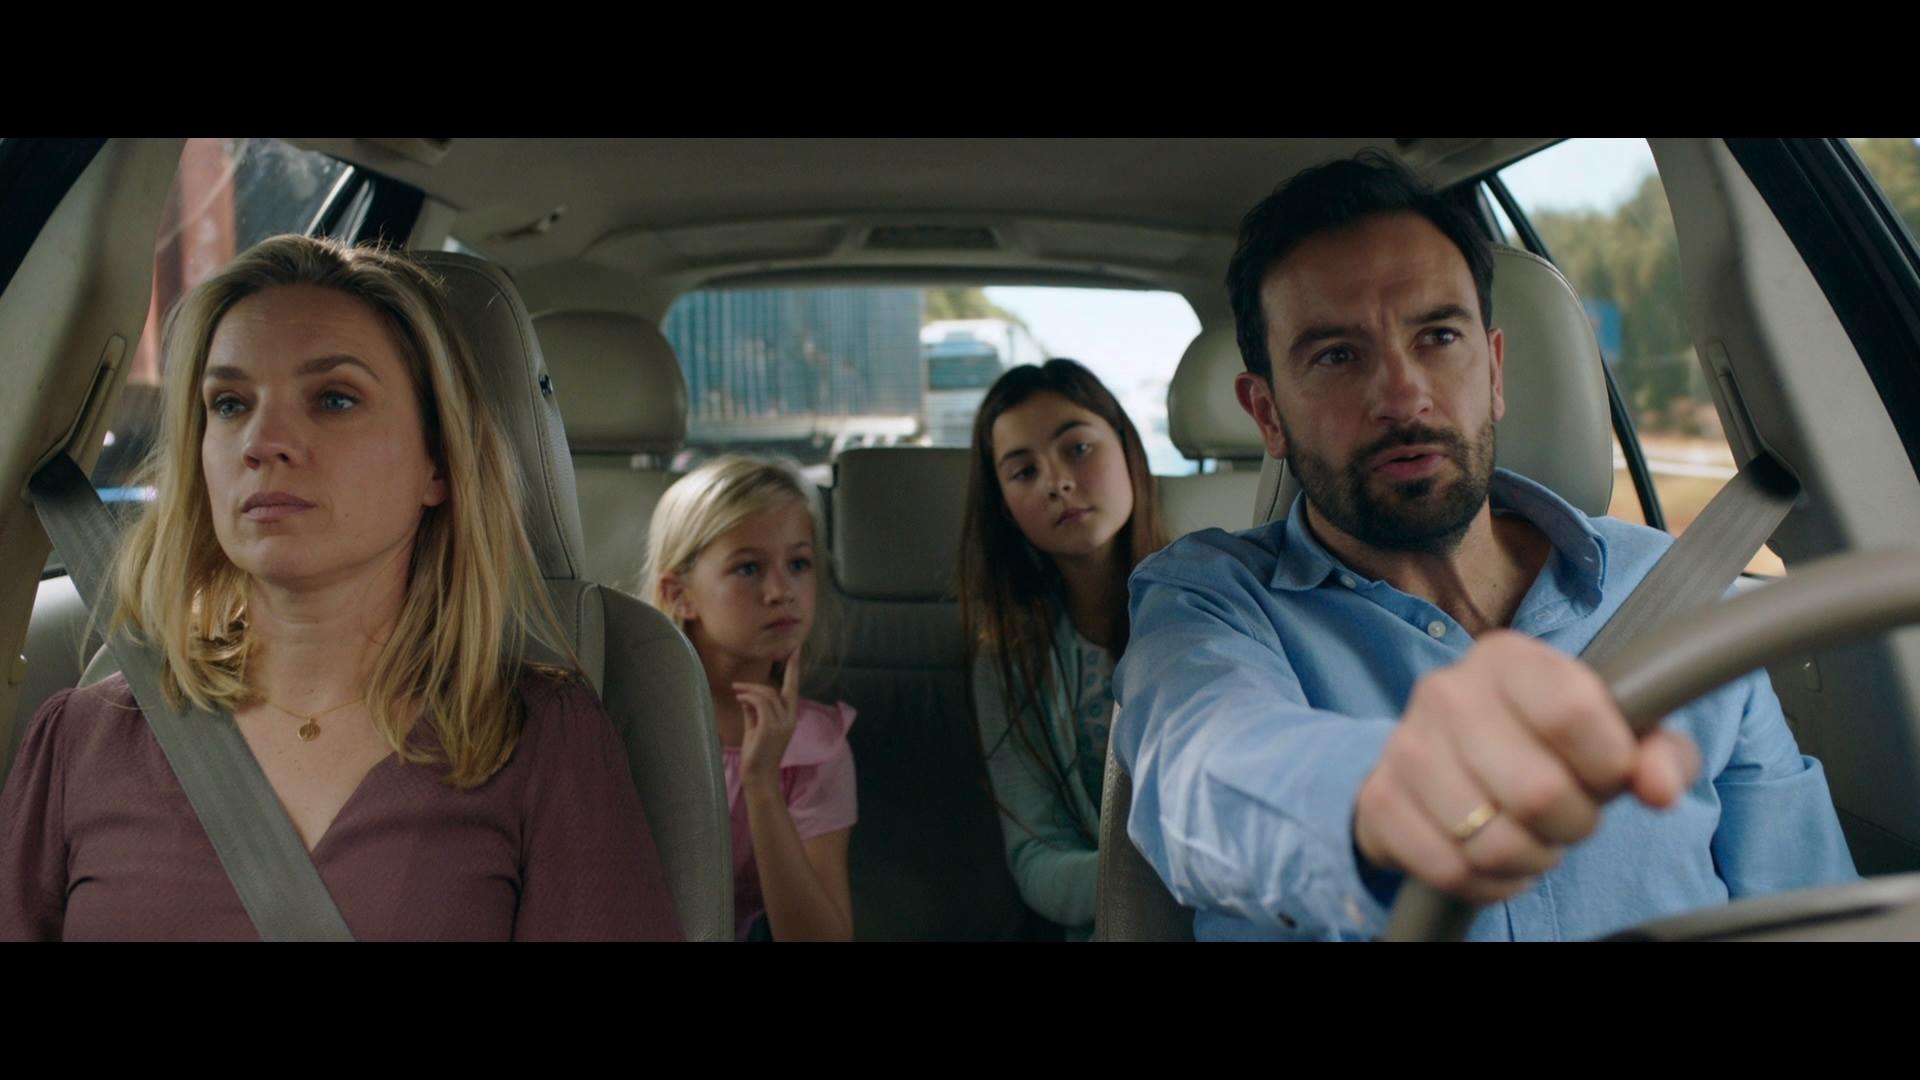 El conductor (2019) 1080p Remux